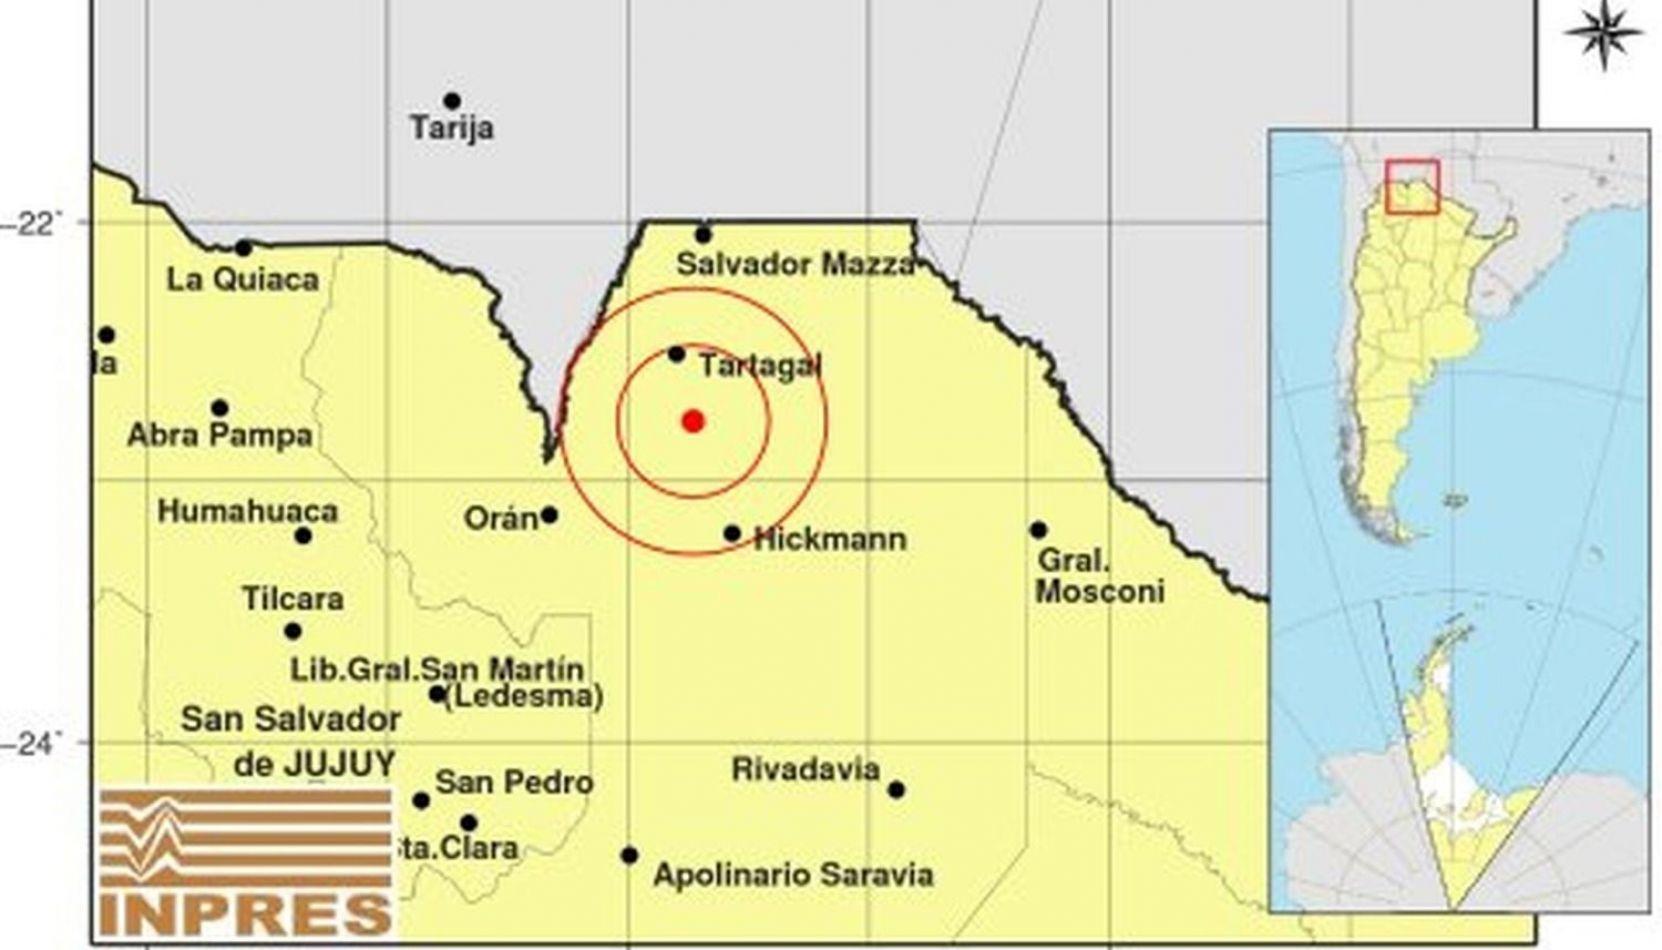 Un sismo de casi 5º en la escala de Richter sacudió esta madrugada a Tartagal